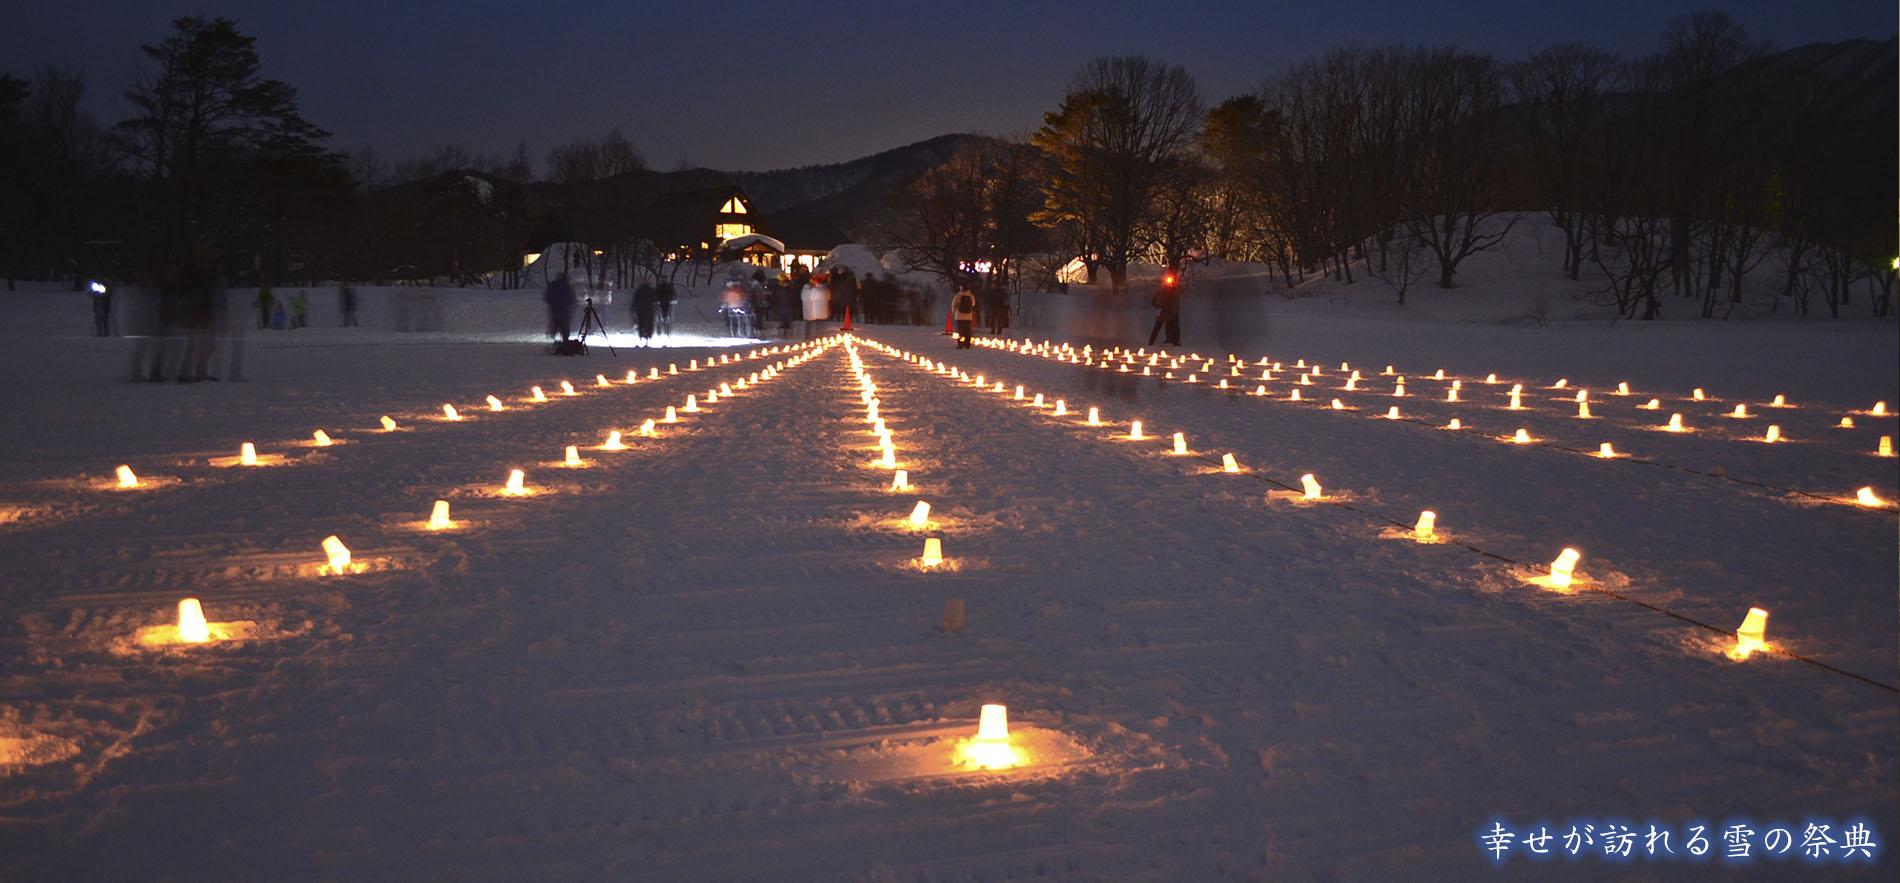 幸せが訪れる雪の祭典